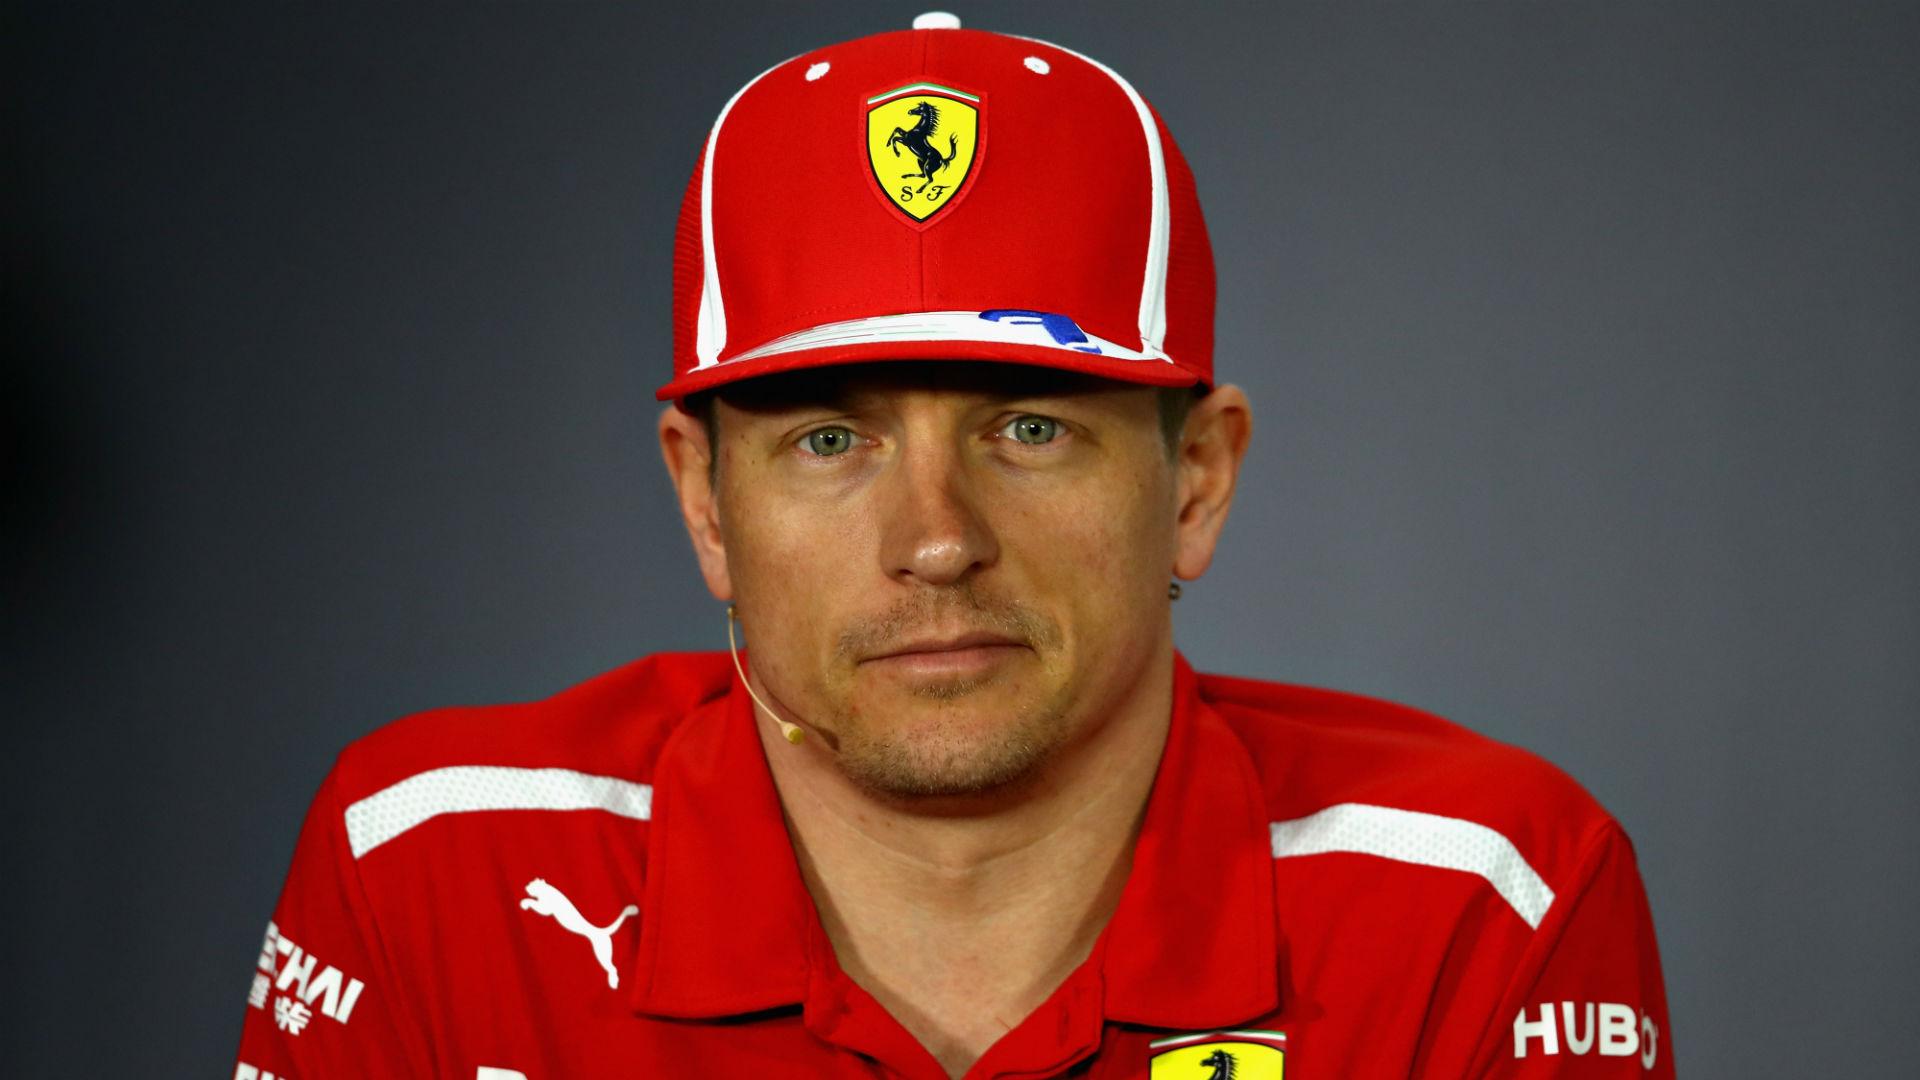 Driver Power Rankings after Bahrain - Sebastian Vettel still on top